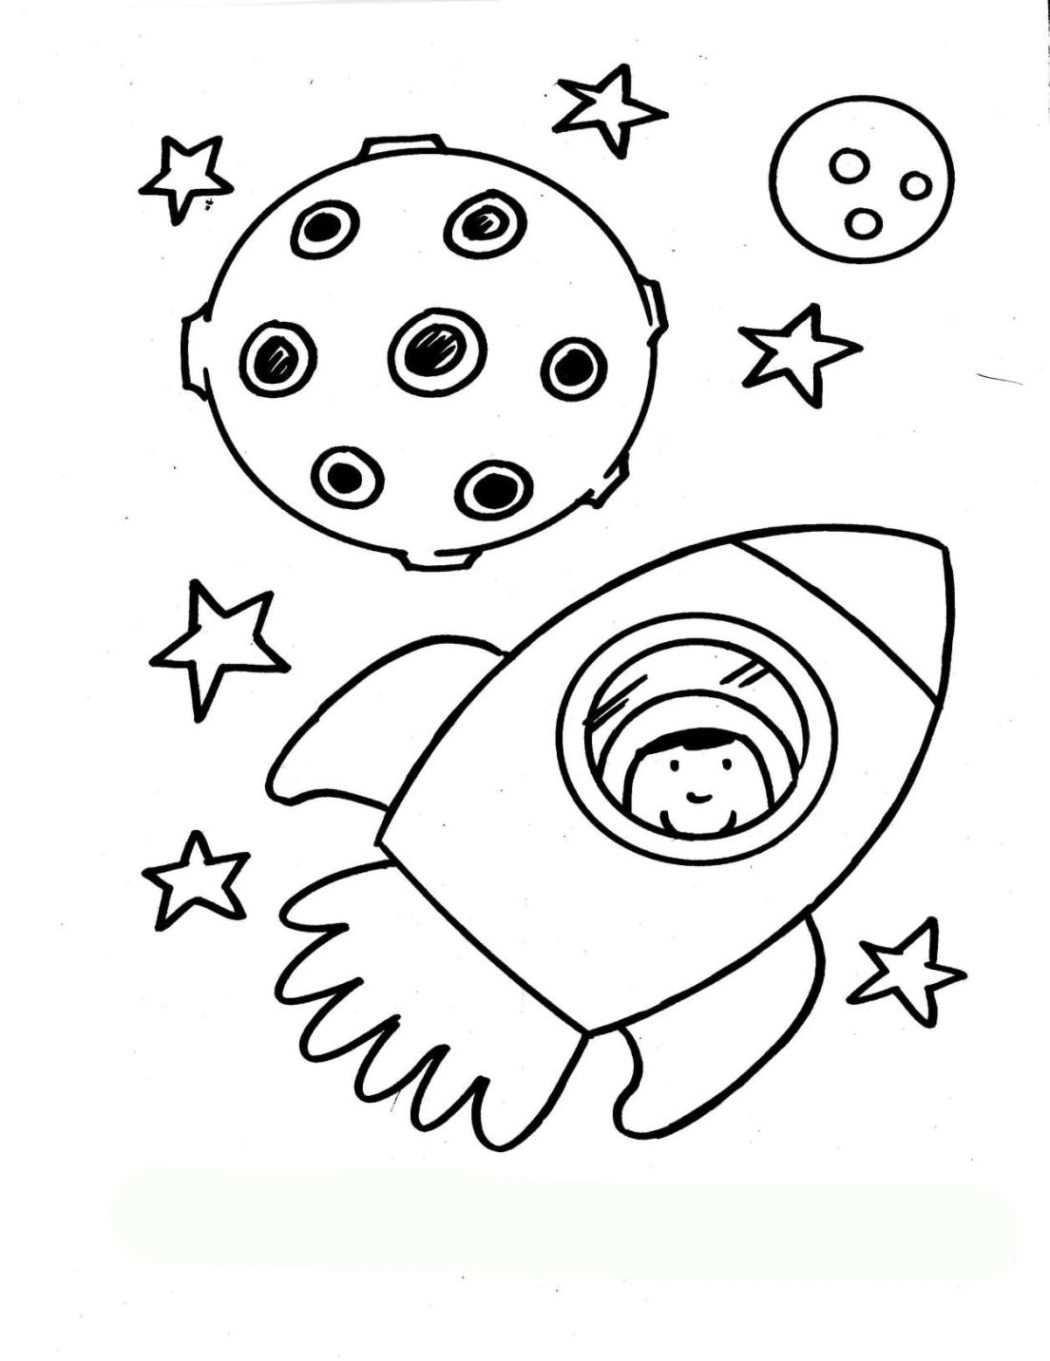 Ausmalbilder Rakete Malvorlagen 1 Vorlagen Zum Ausdrucken Ausdrucken Ausmalbilder Malvorlagen